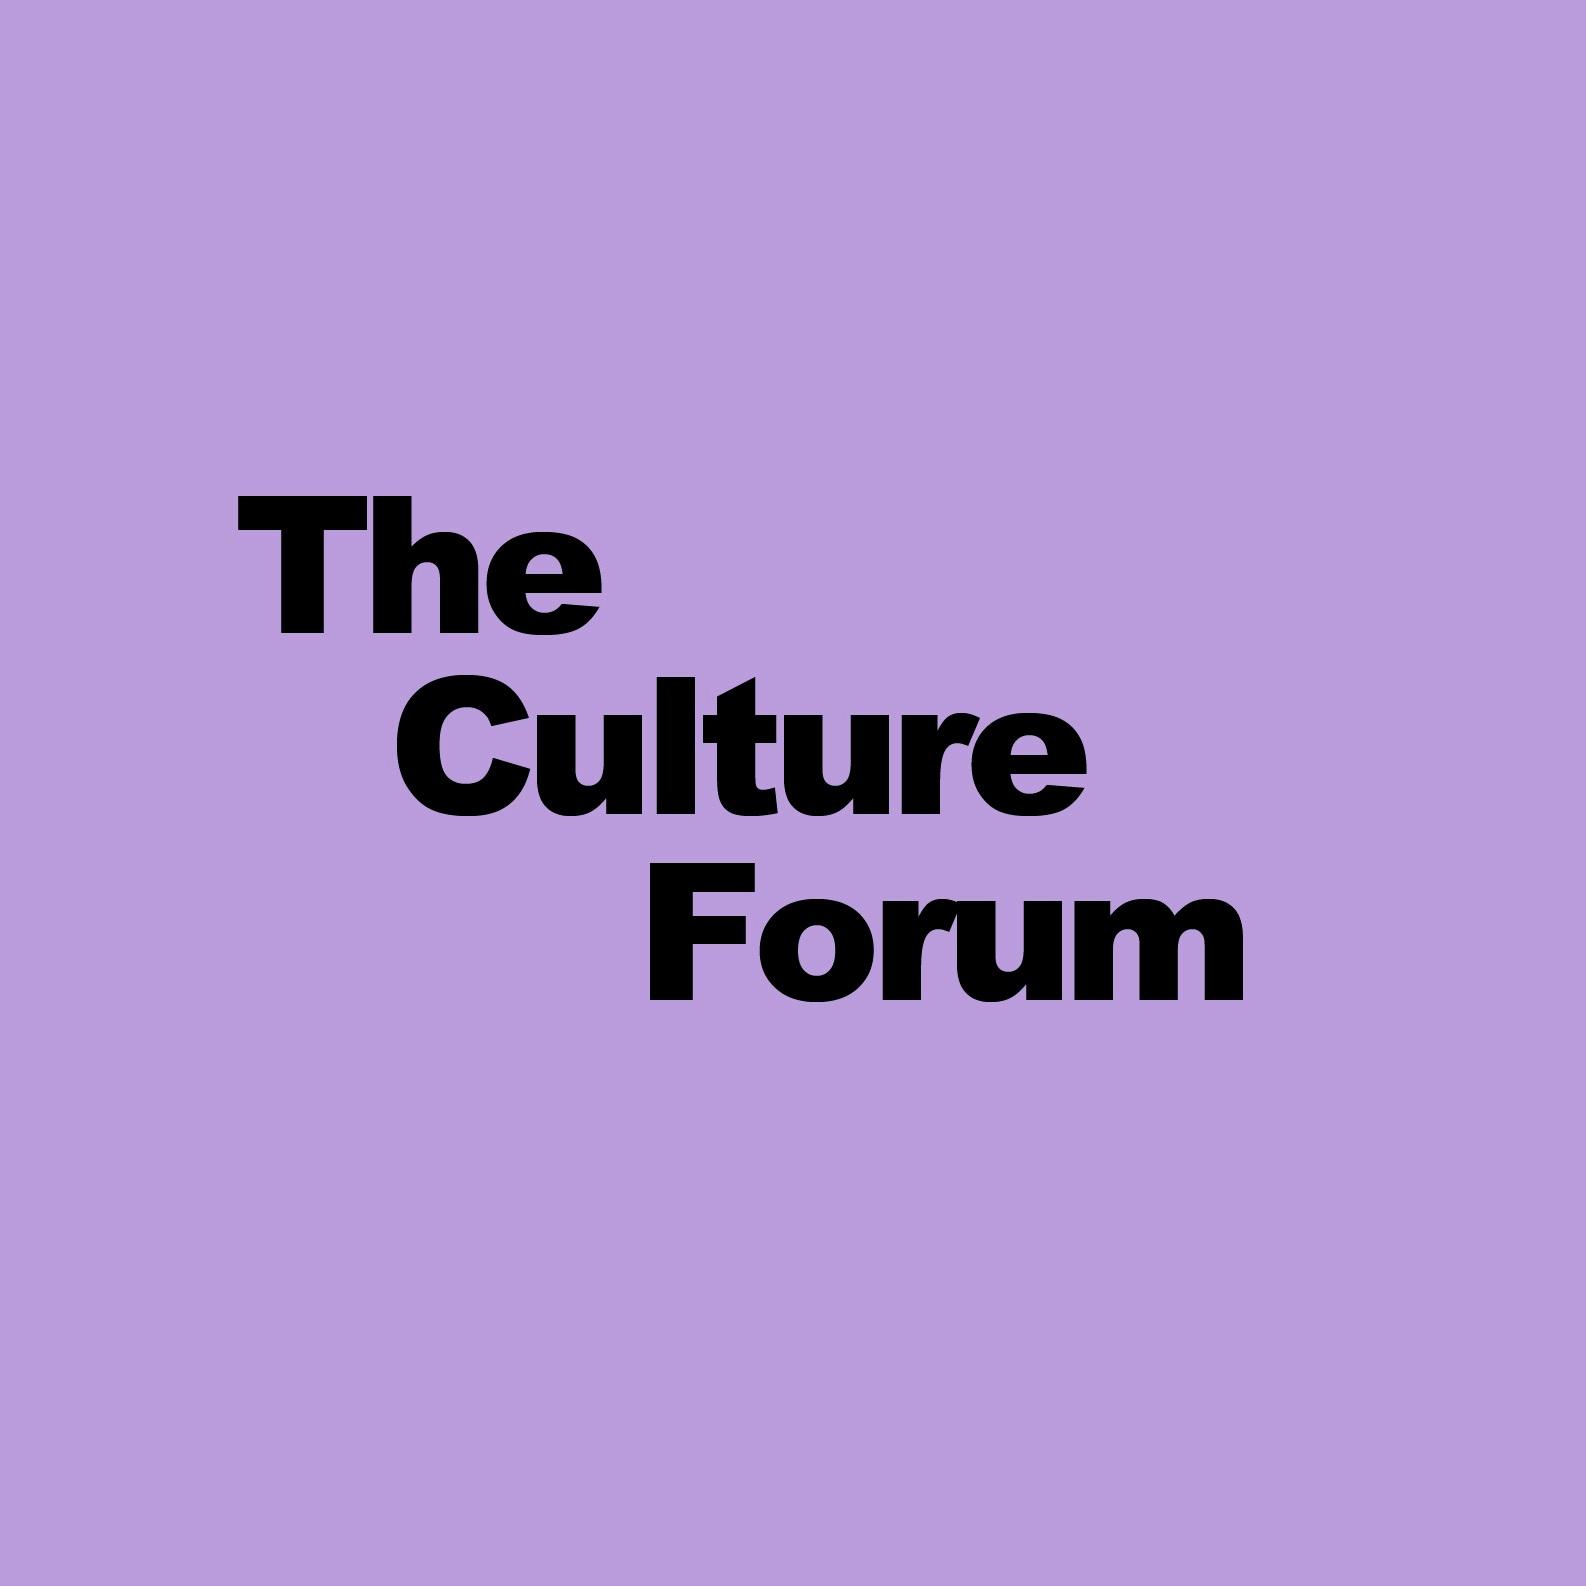 TheCultureForum.jpg